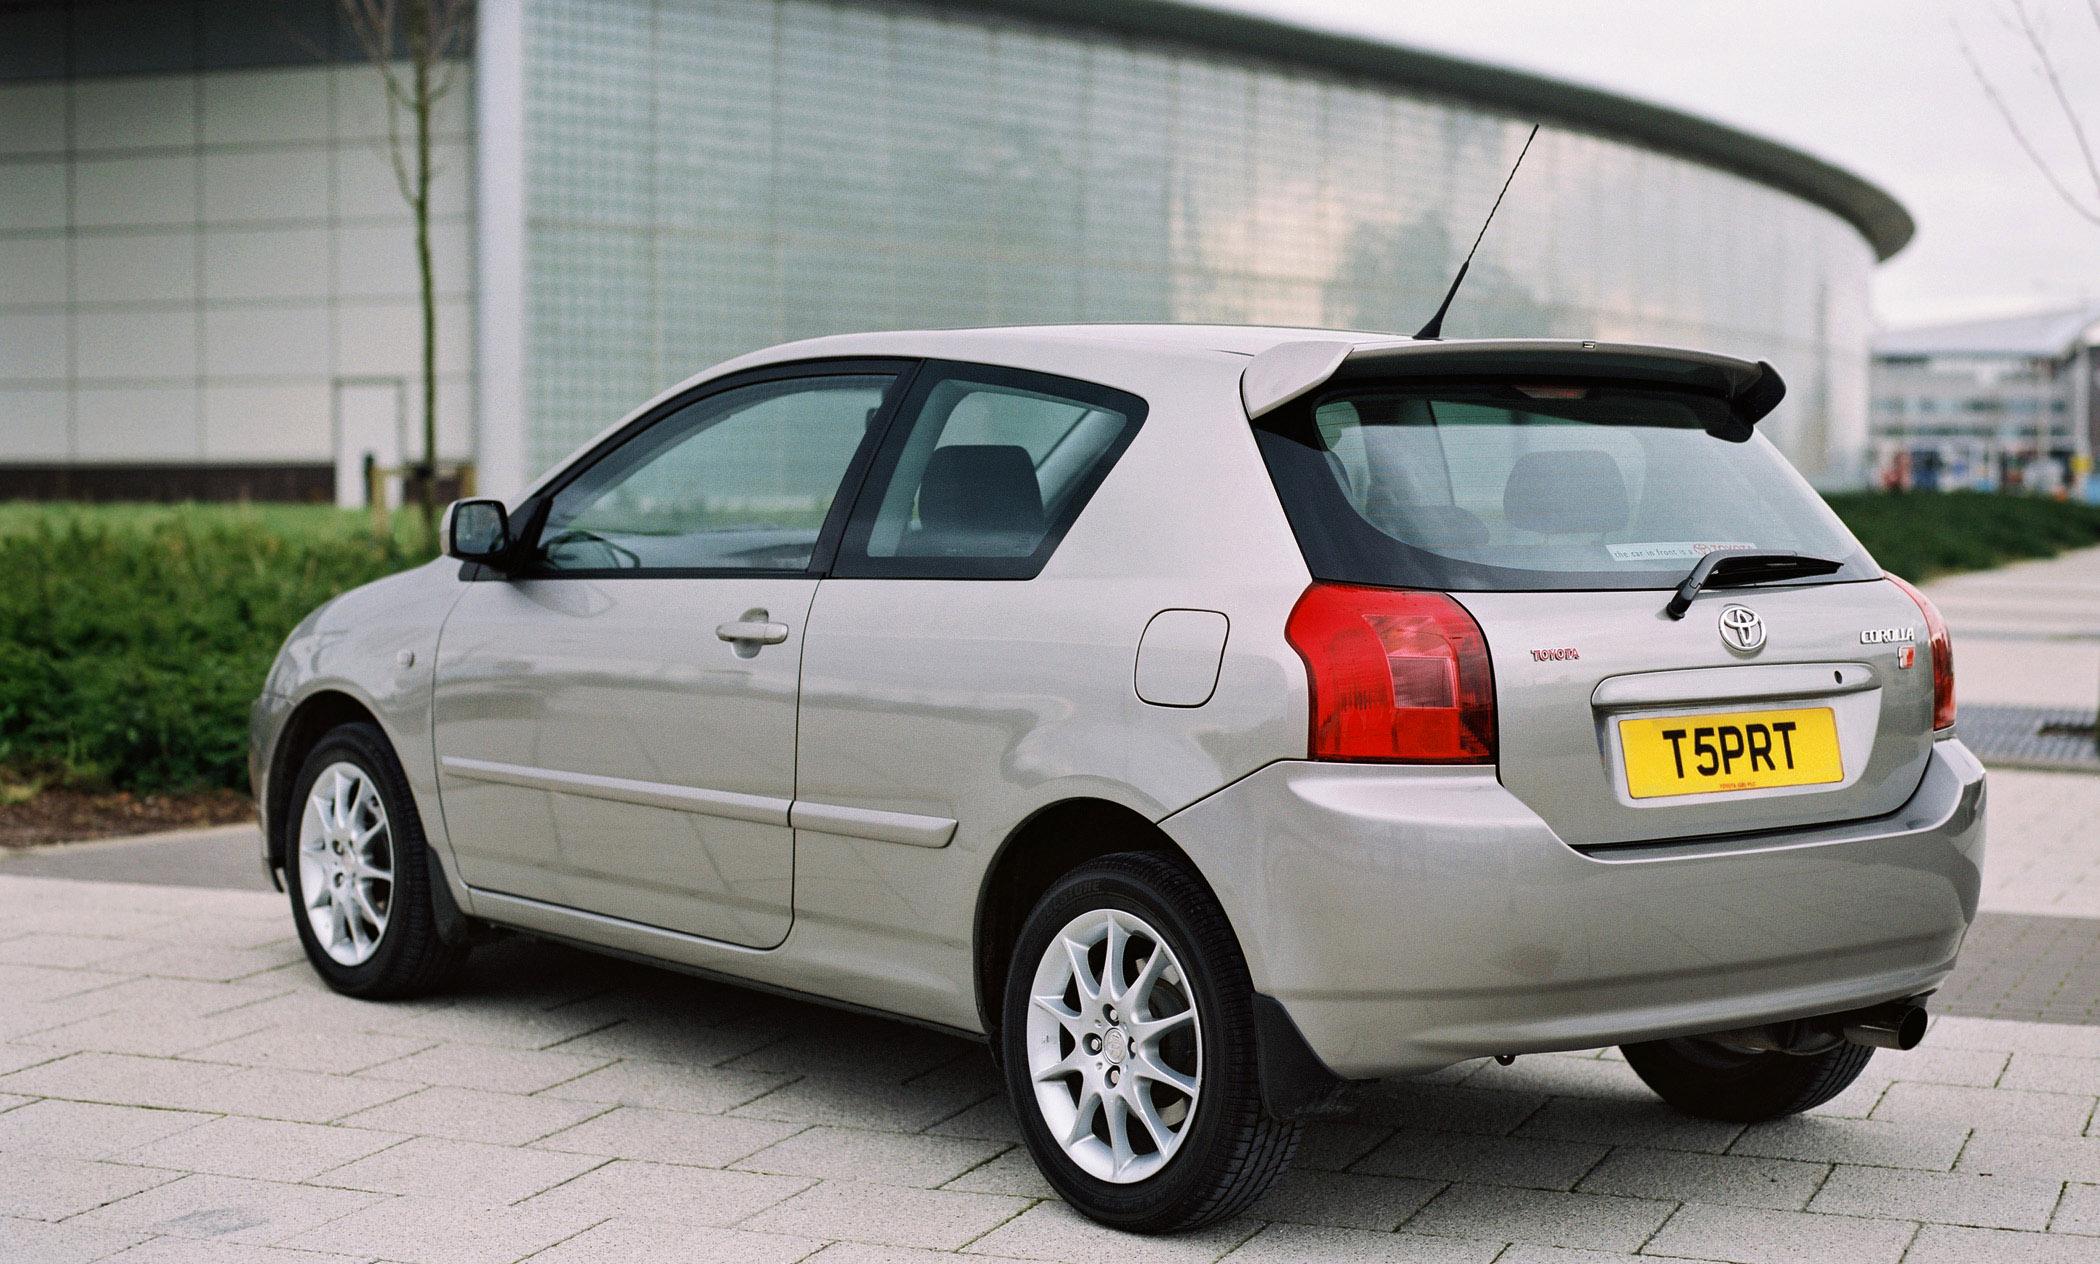 2002 Toyota Corolla T Sport Picture 76993